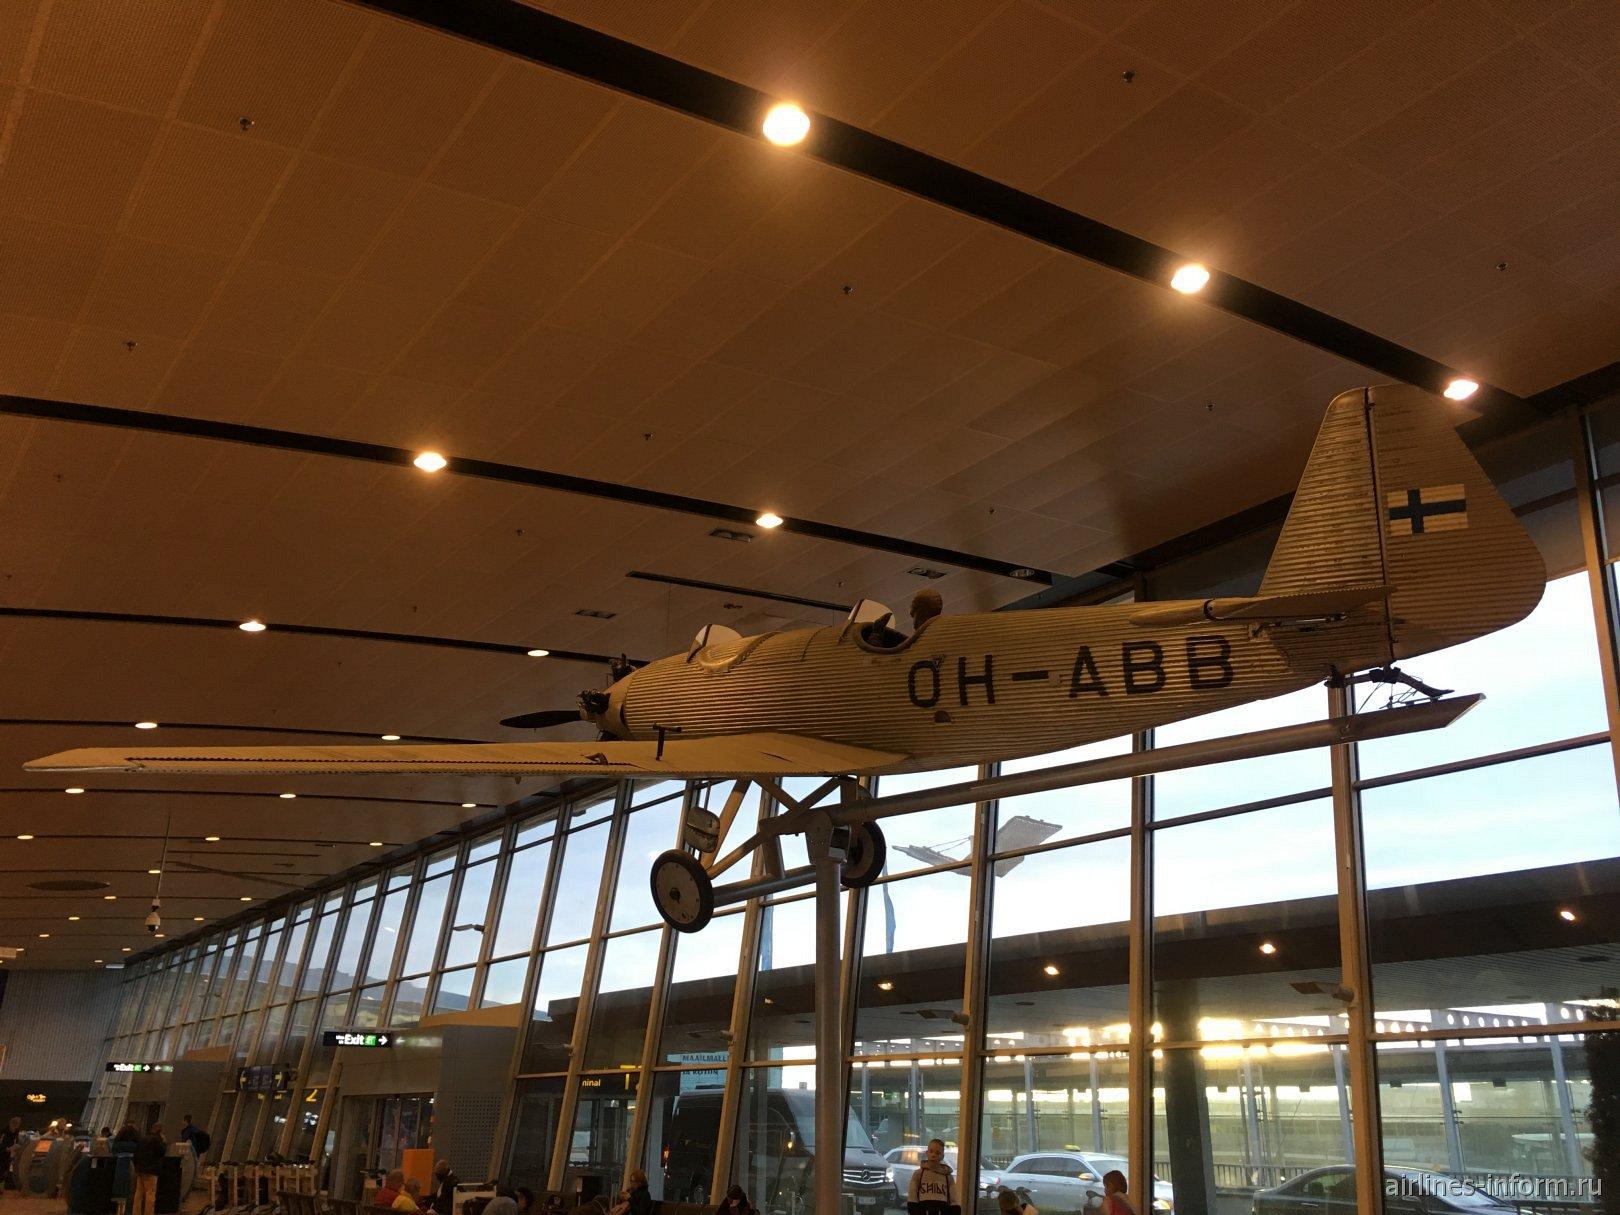 Реплика самолета Юнкерс А50 в терминале 2 аэропорта Хельсинки Вантаа